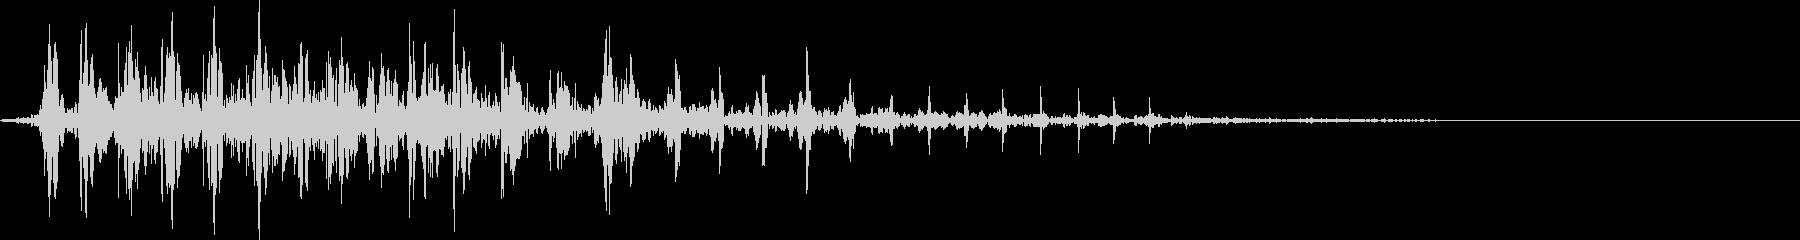 ウーピークッション:オナラ、さまざま。の未再生の波形